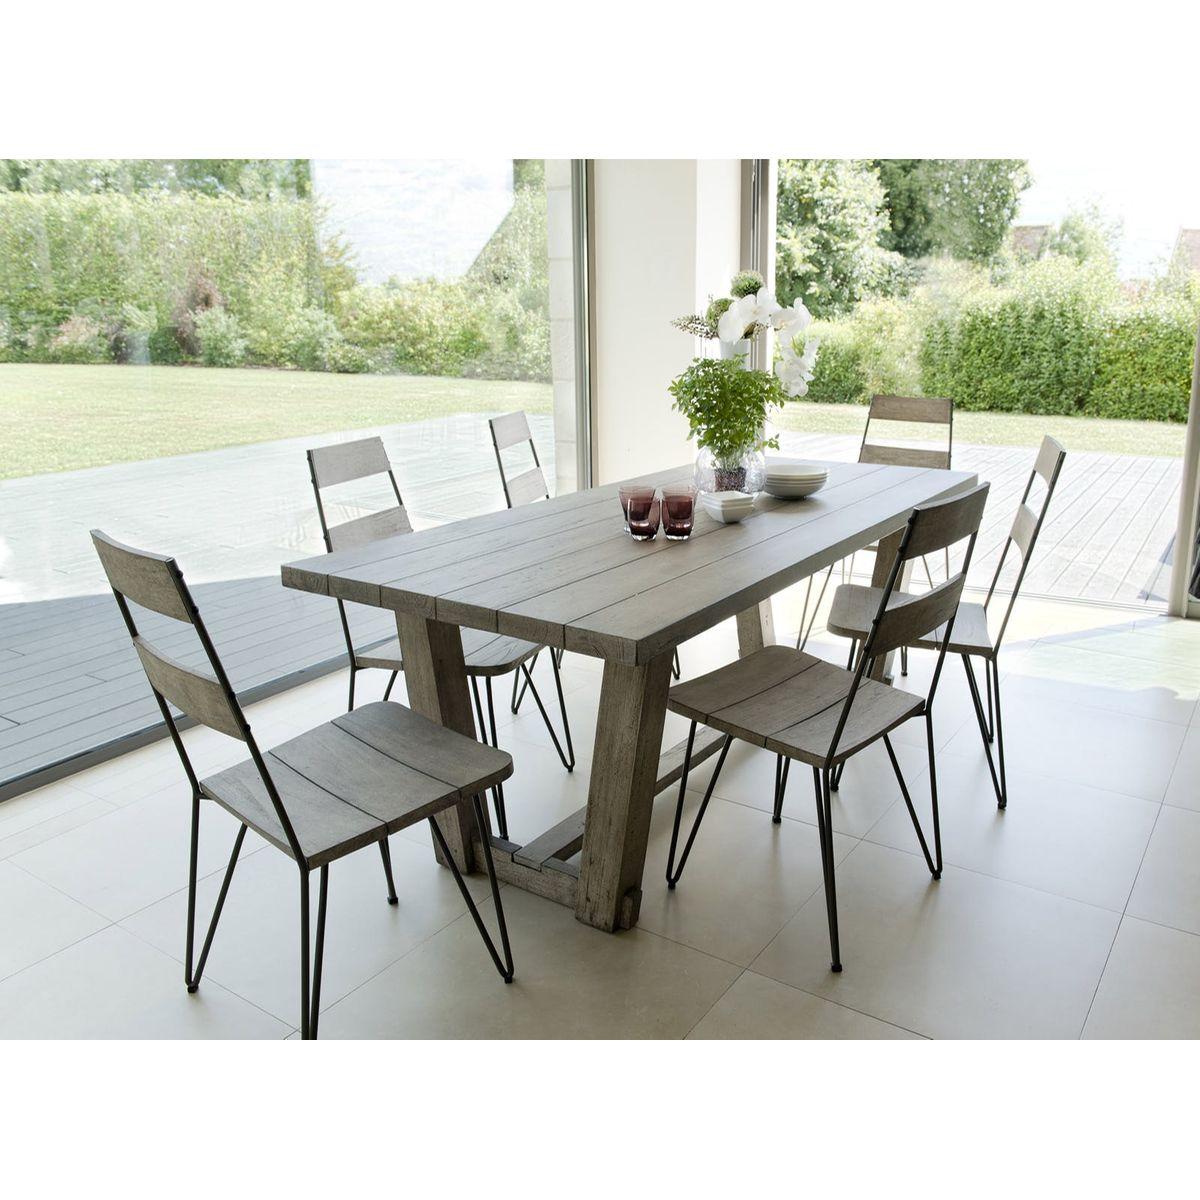 Salon De Jardin Teck Acier Table 200x90cm + 6 Chaises ...